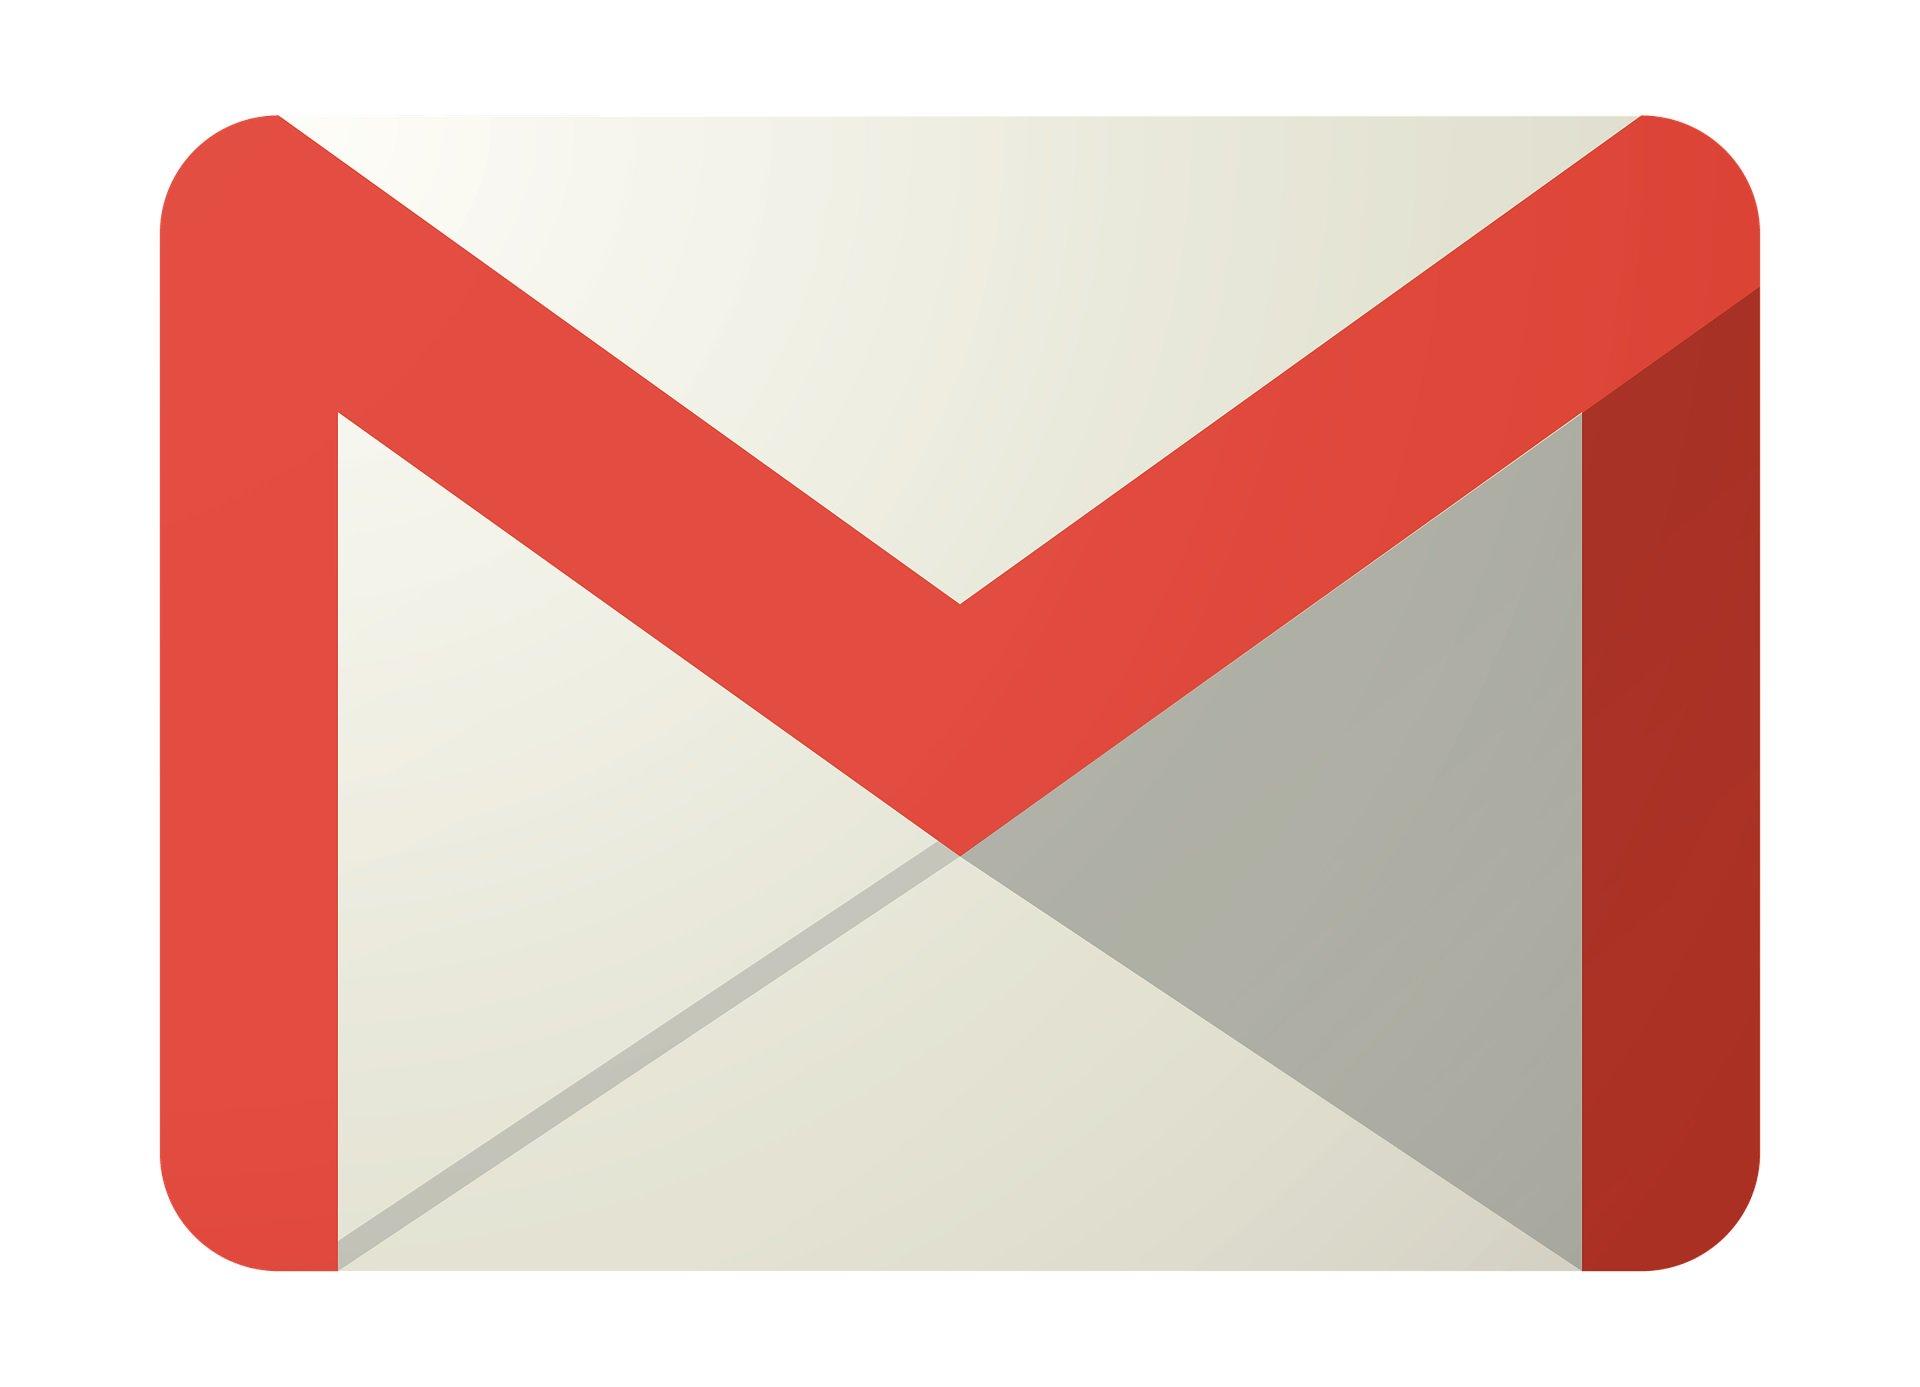 Картинка для почты гугл, делай мне